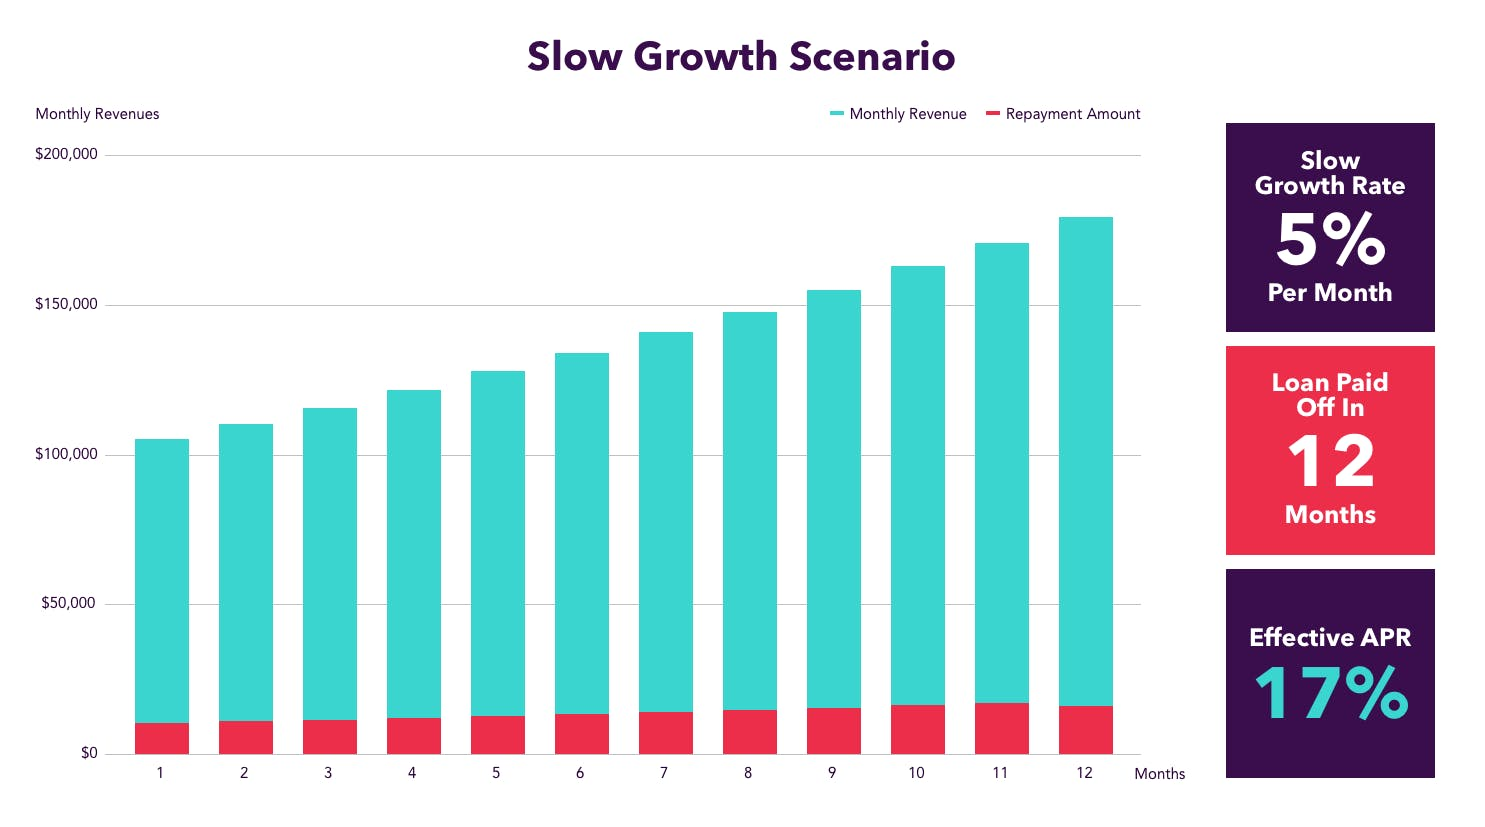 Slow growth scenario